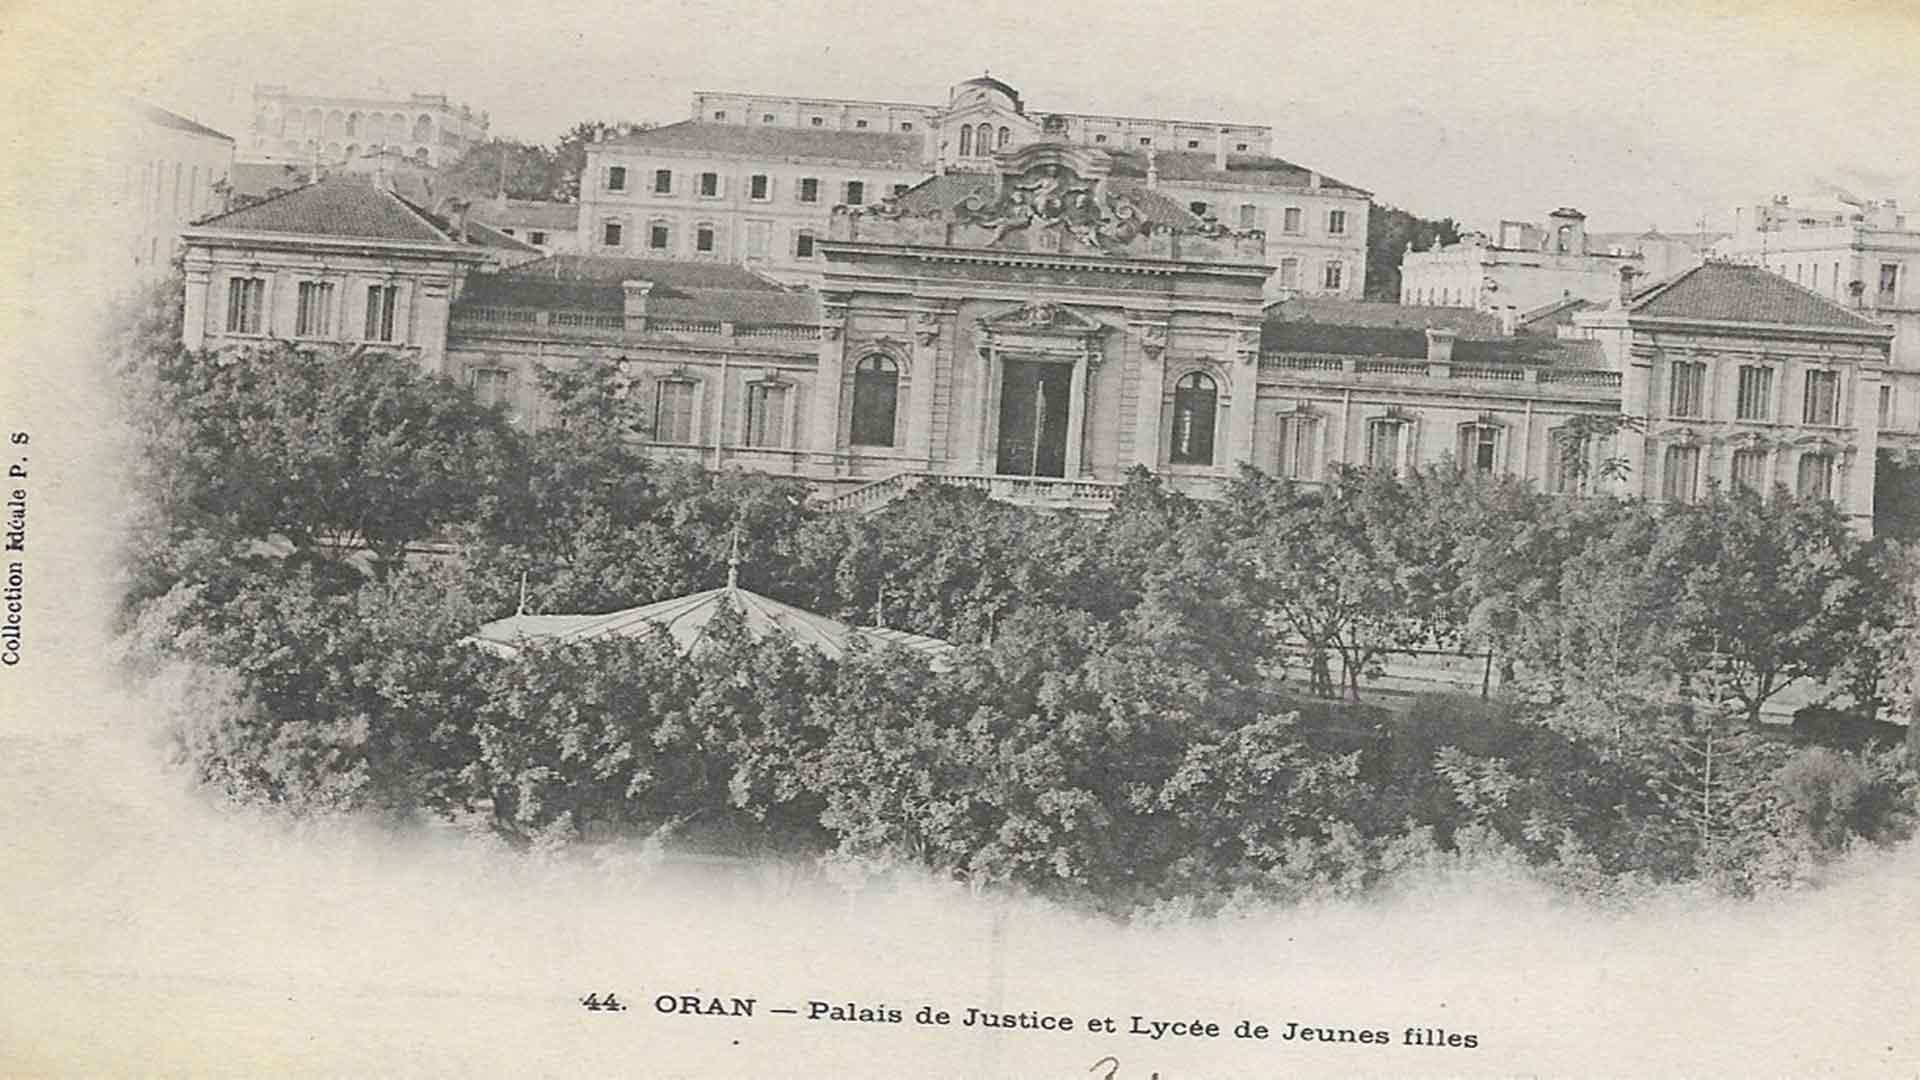 Oran-Palais-de-Justice